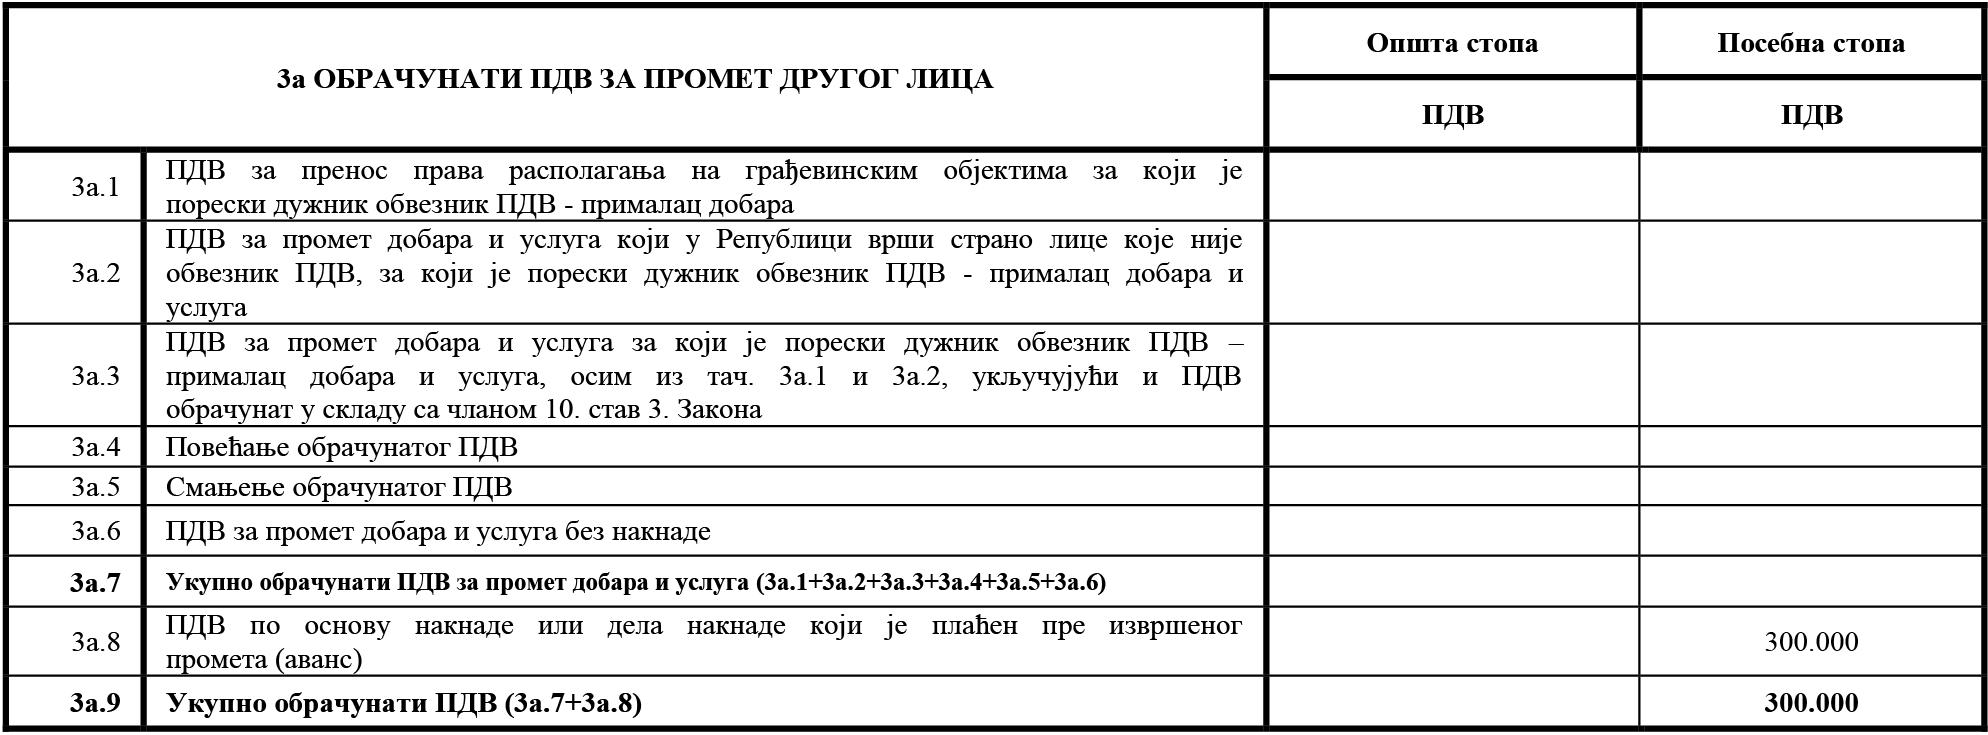 uputstvo PU obrazac POPDV primer 75